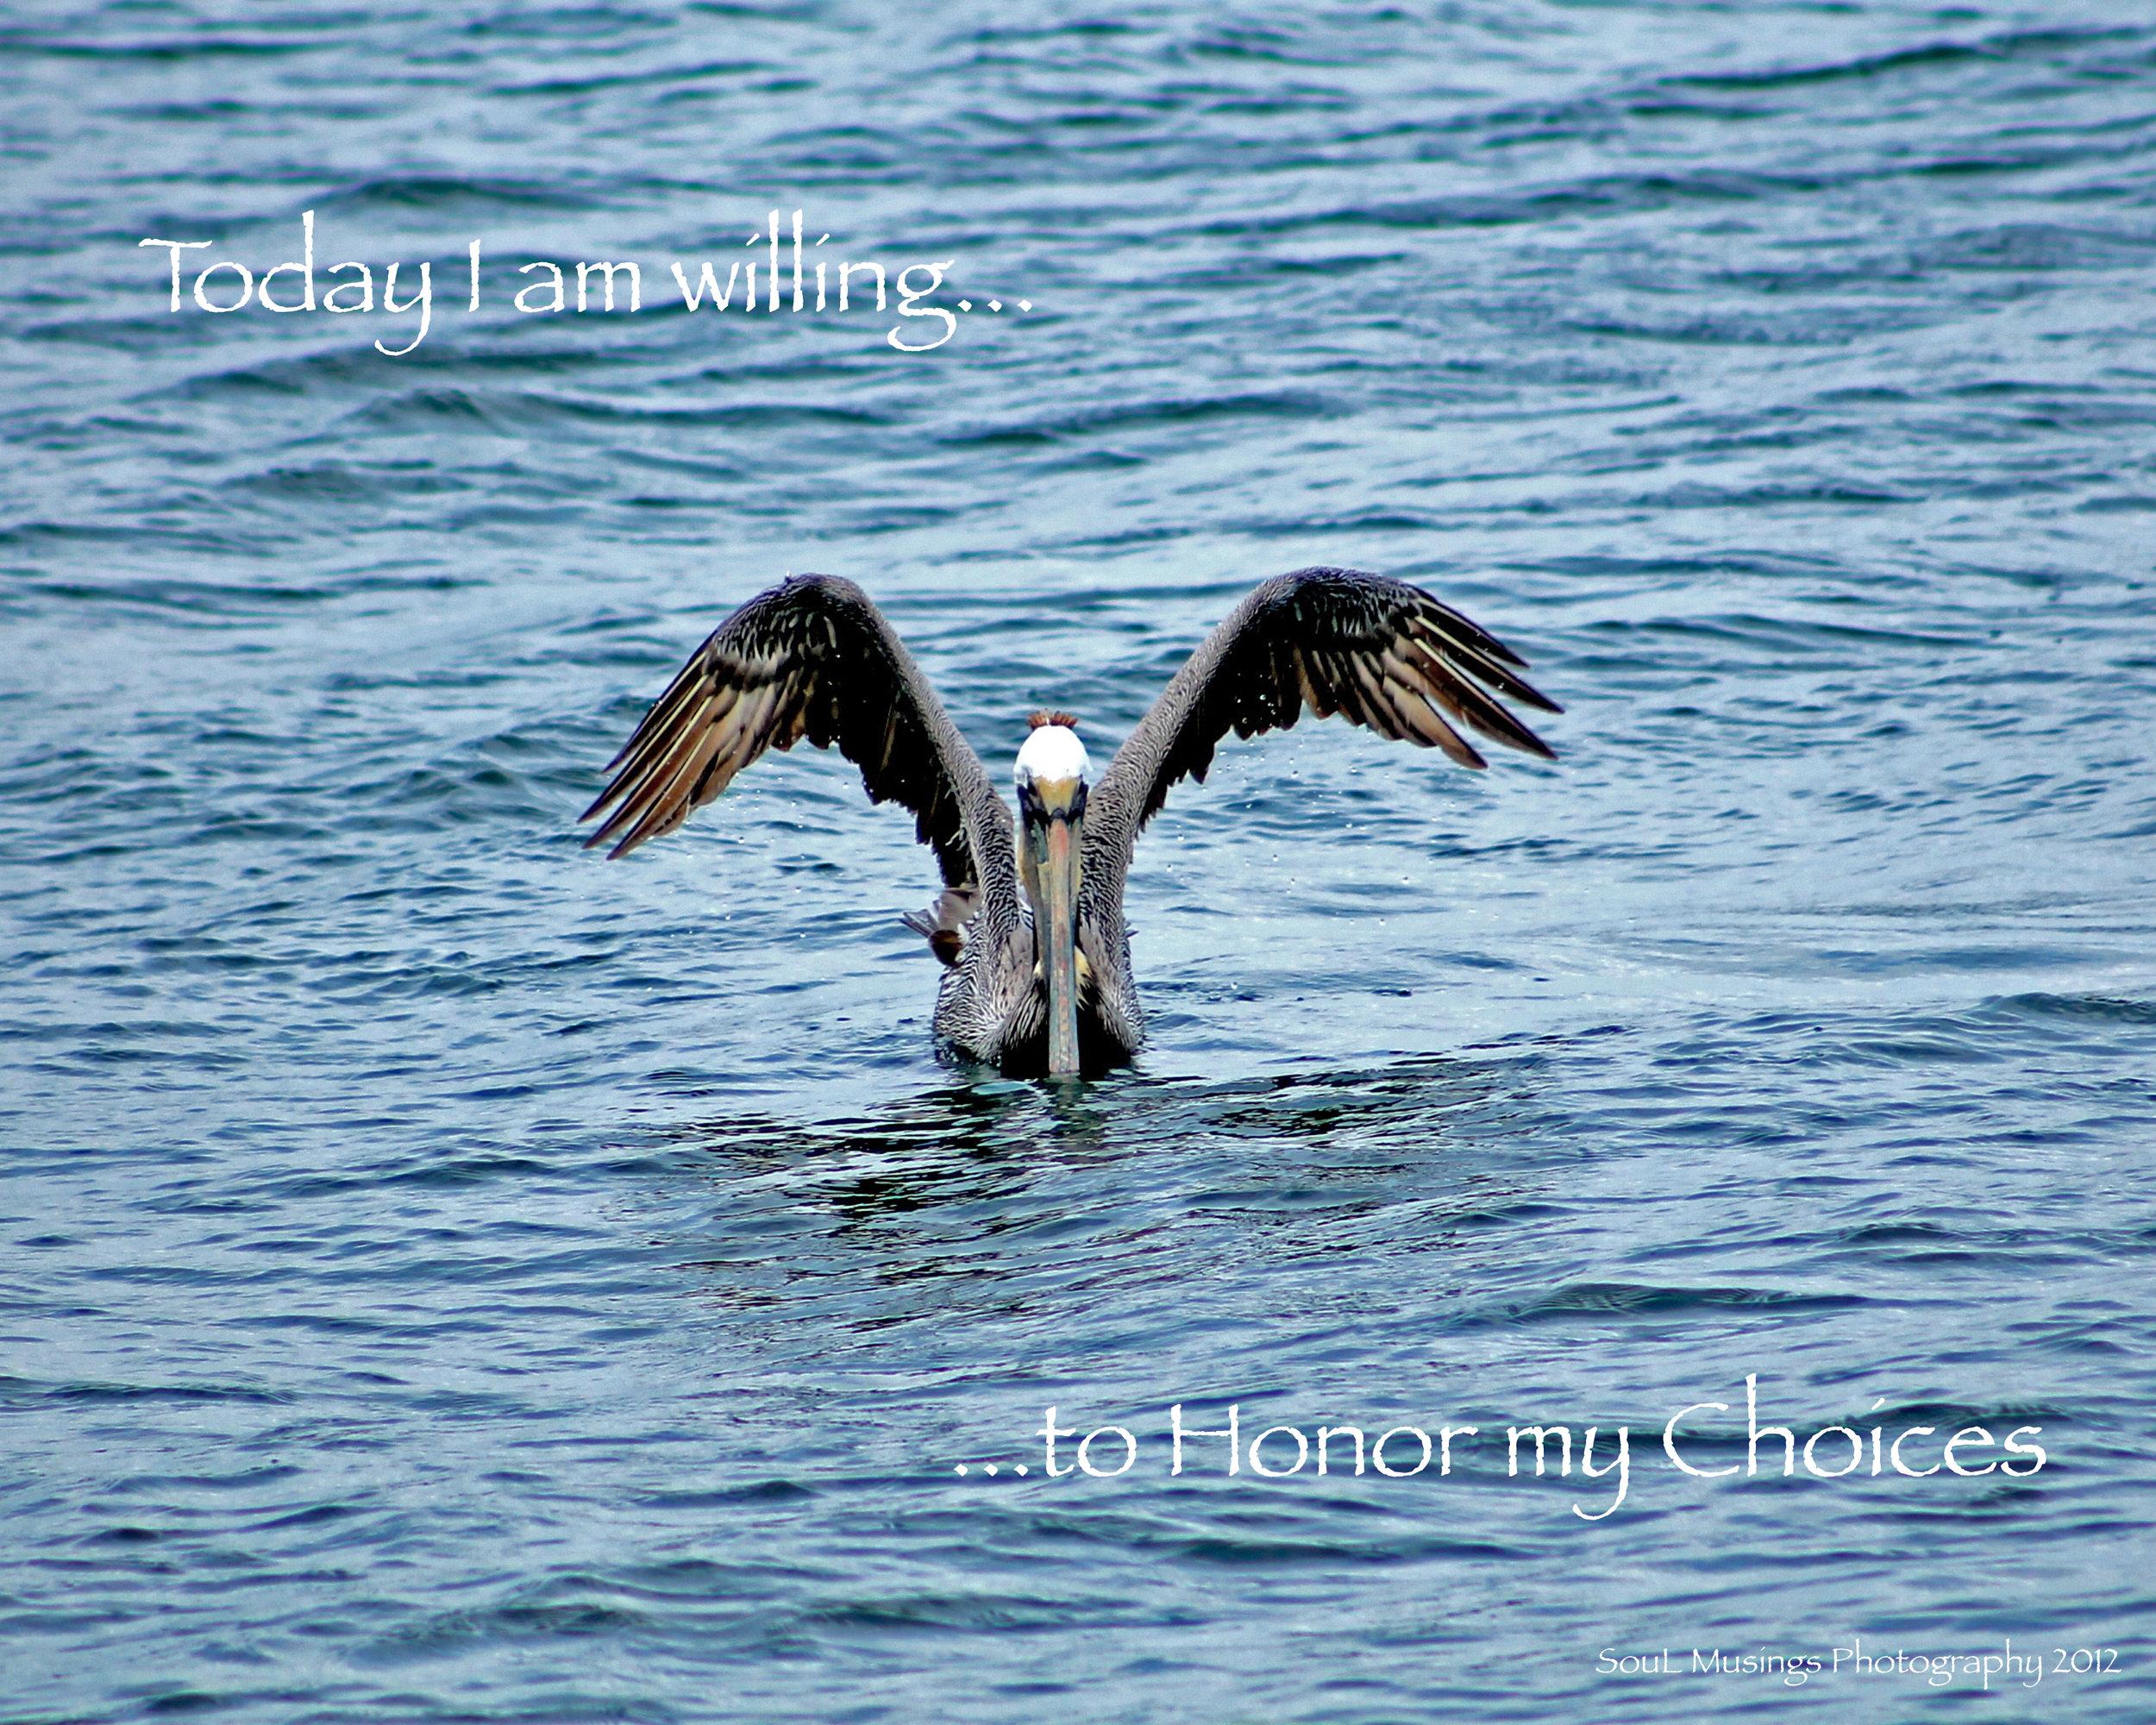 Pelican_Choices.jpg